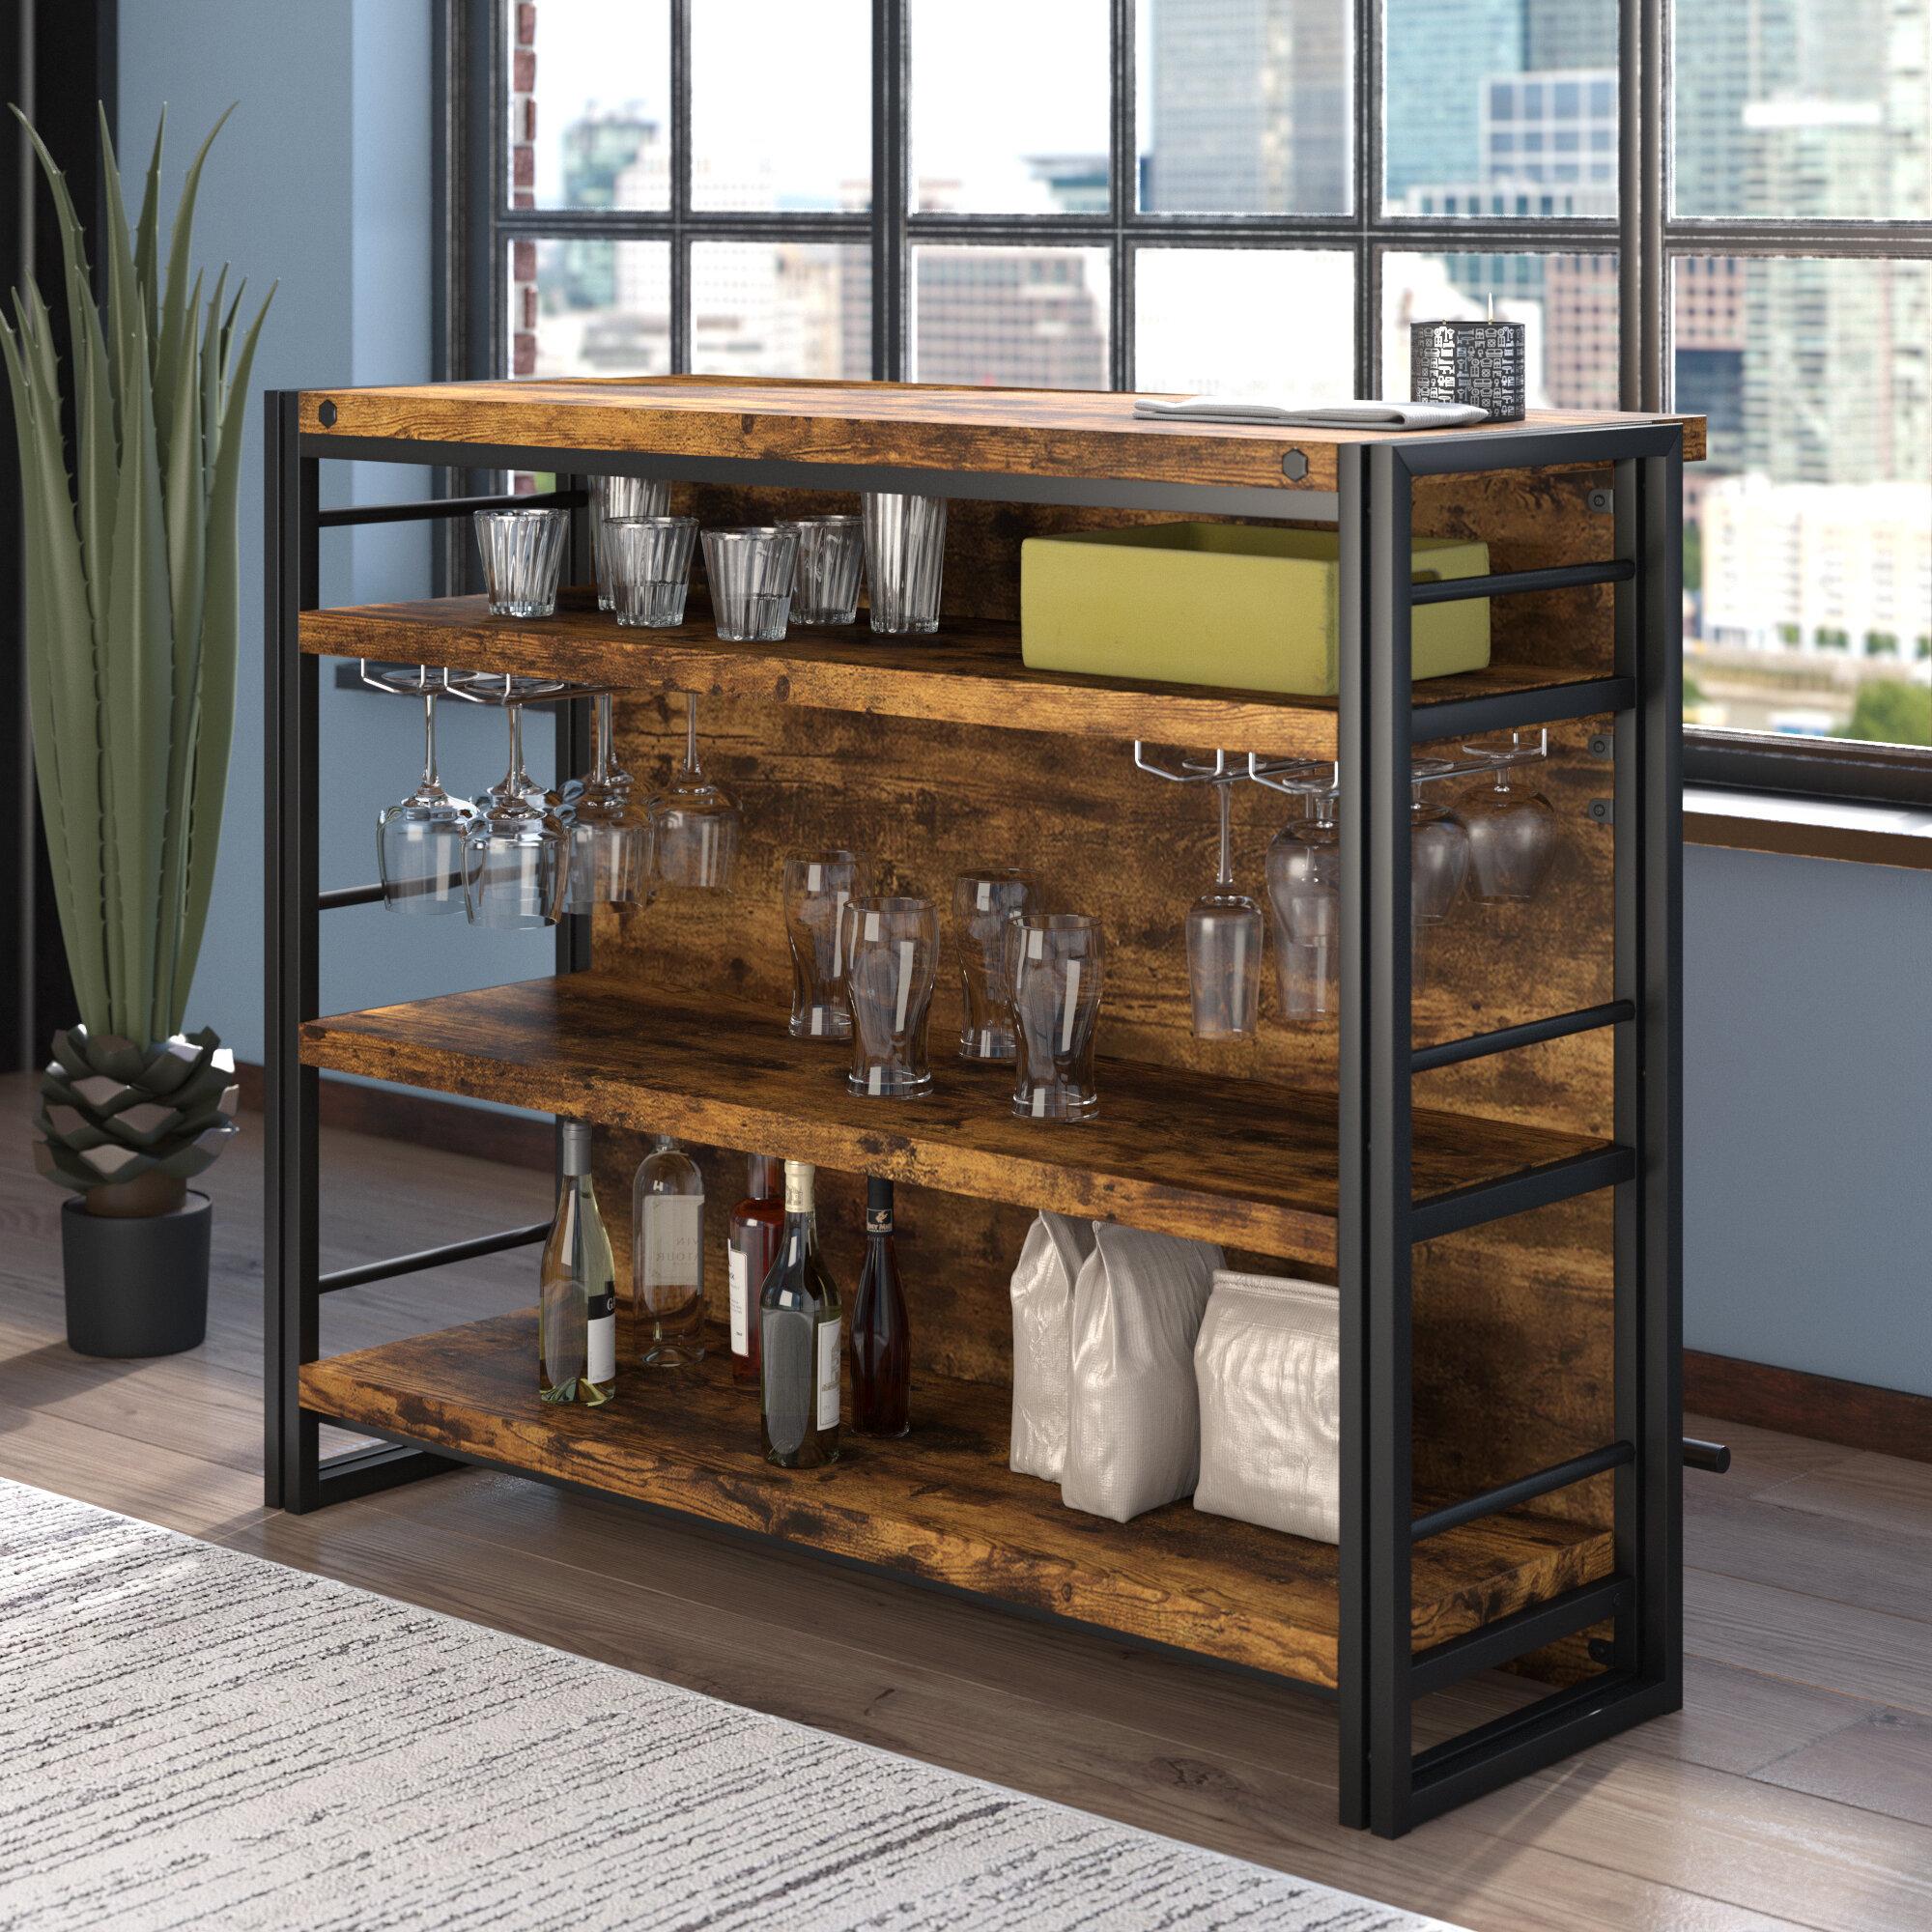 Williston Forge Felicita Bar With Wine Storage Reviews